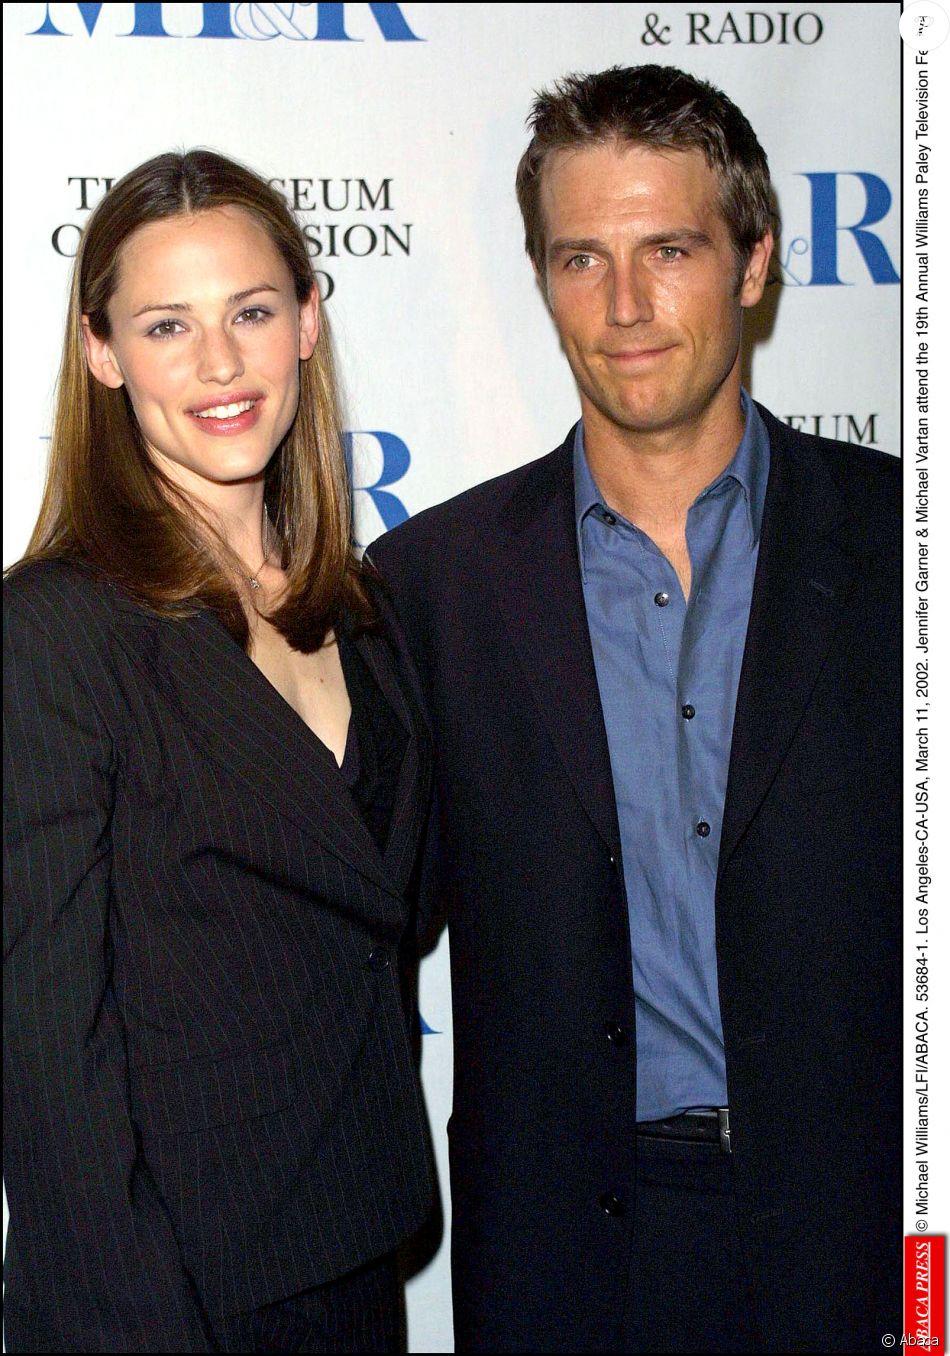 Jennifer Garner et Michael Vartan à la 19e édition du Festival Williams Paley Televisionà Los Angeles en 2002